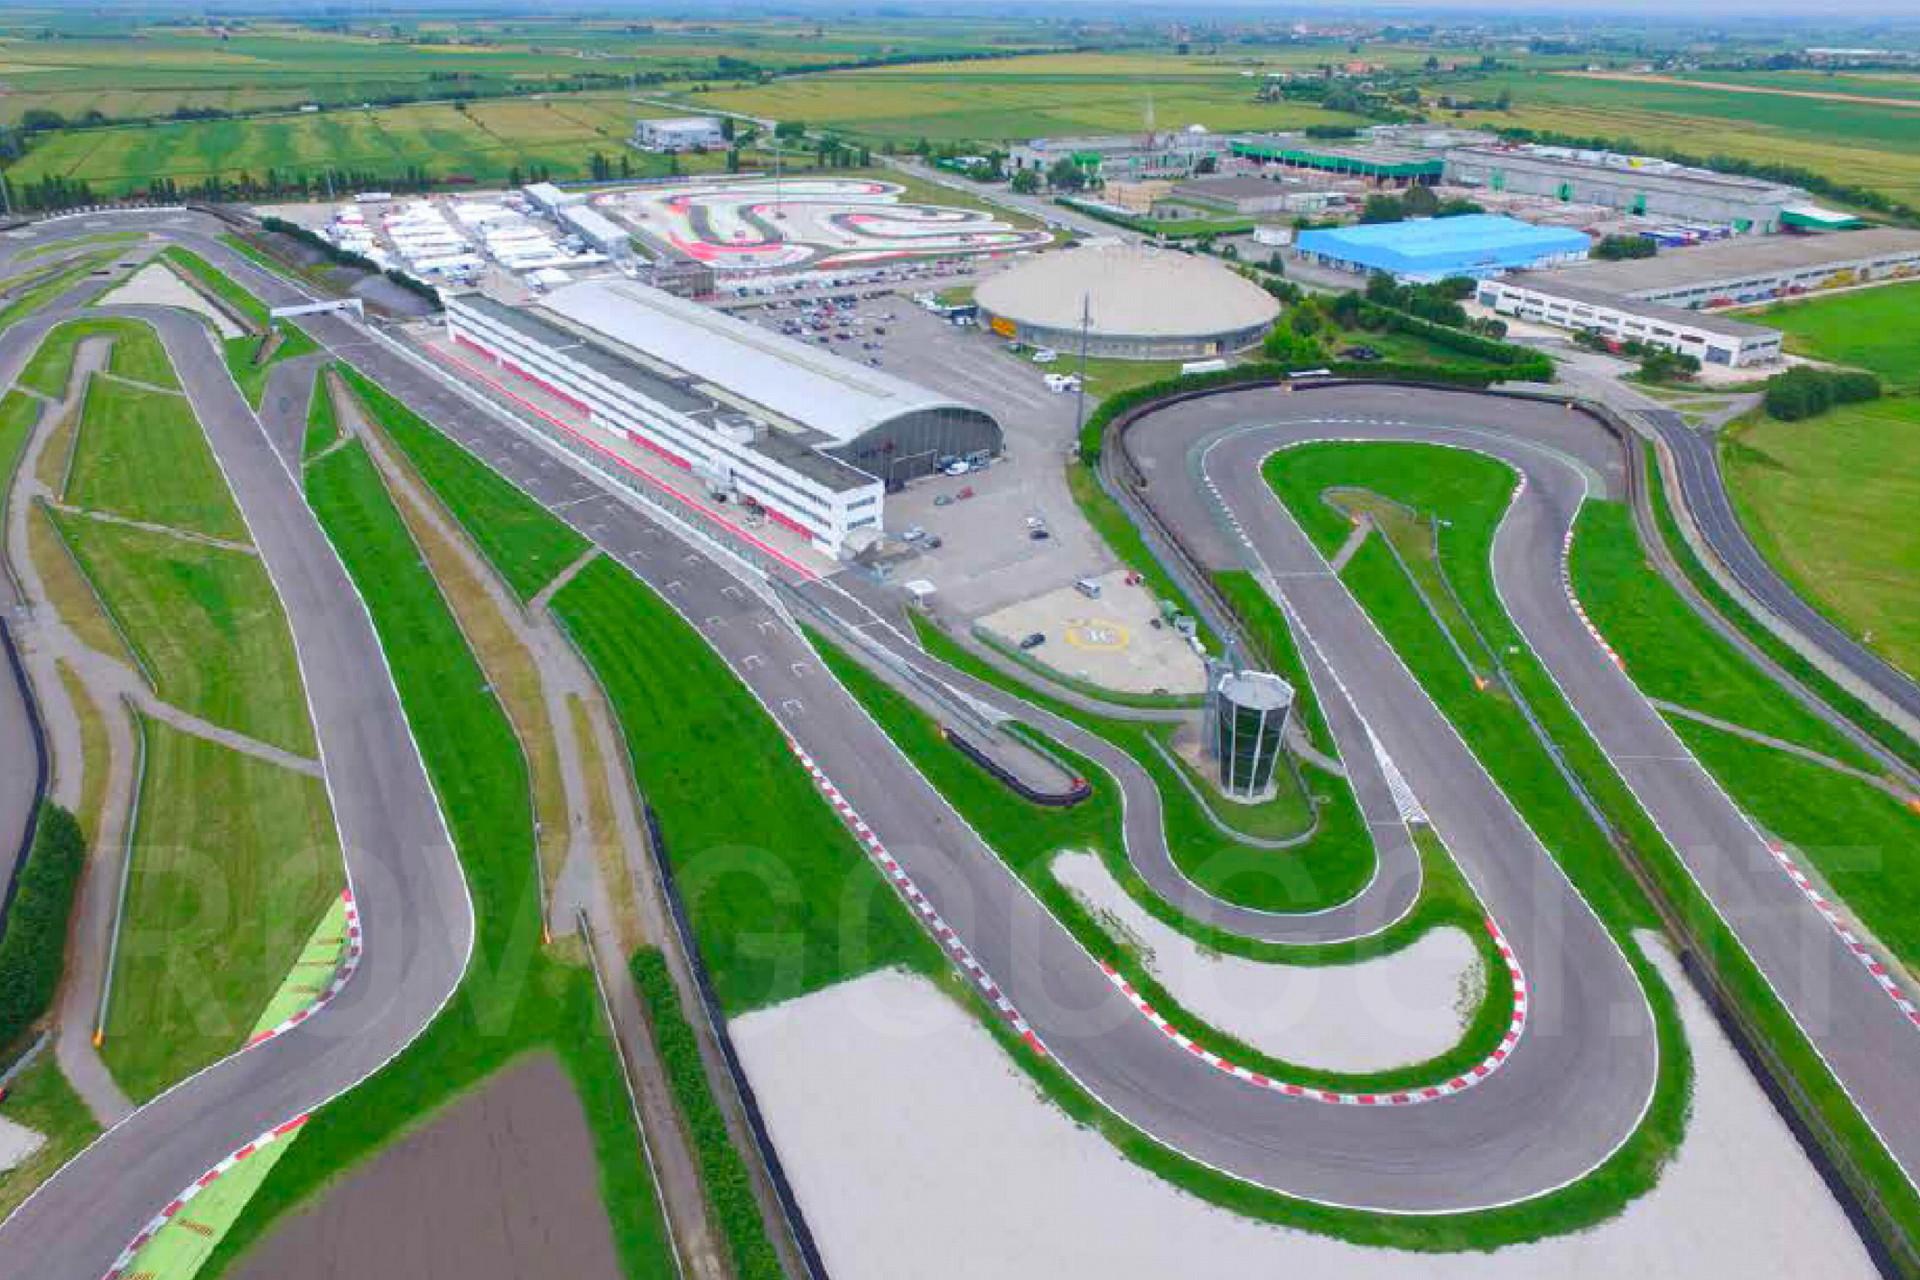 L'ultima tappa della smart EQ fortwo e-cup 2020: l'Adria International Raceway. Nato nel 2002, lungo 2702 metri.